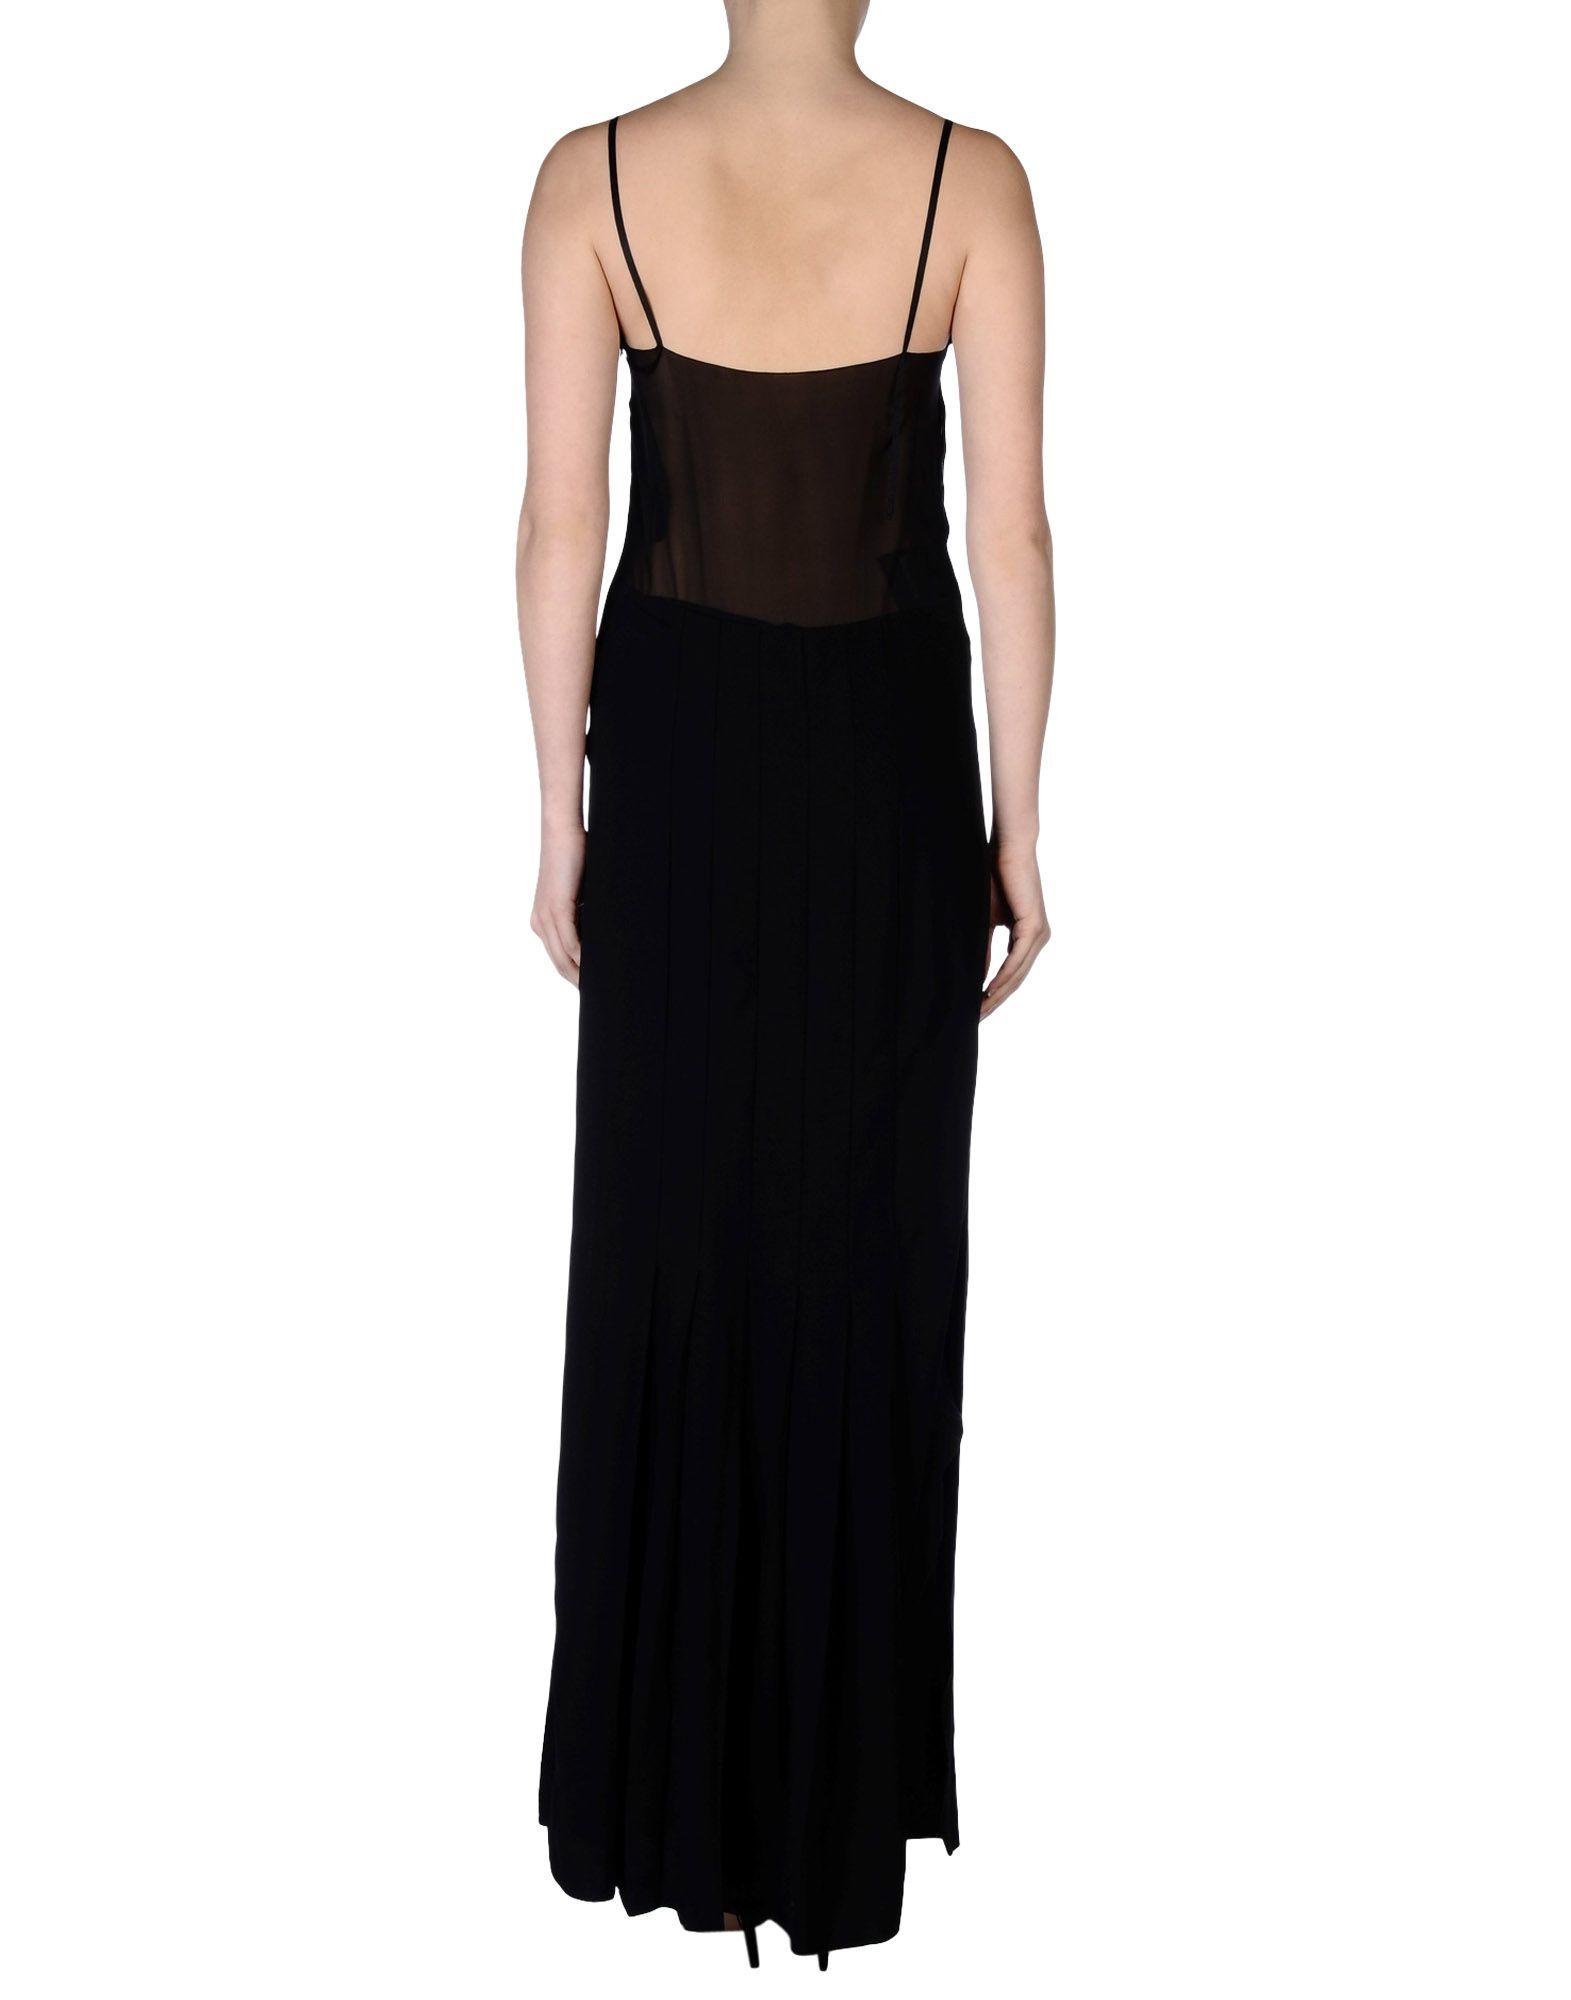 73d4895d274 Lyst - Prada Long Dress in Black Prada Evening Gowns Evening  Dresses dressesss